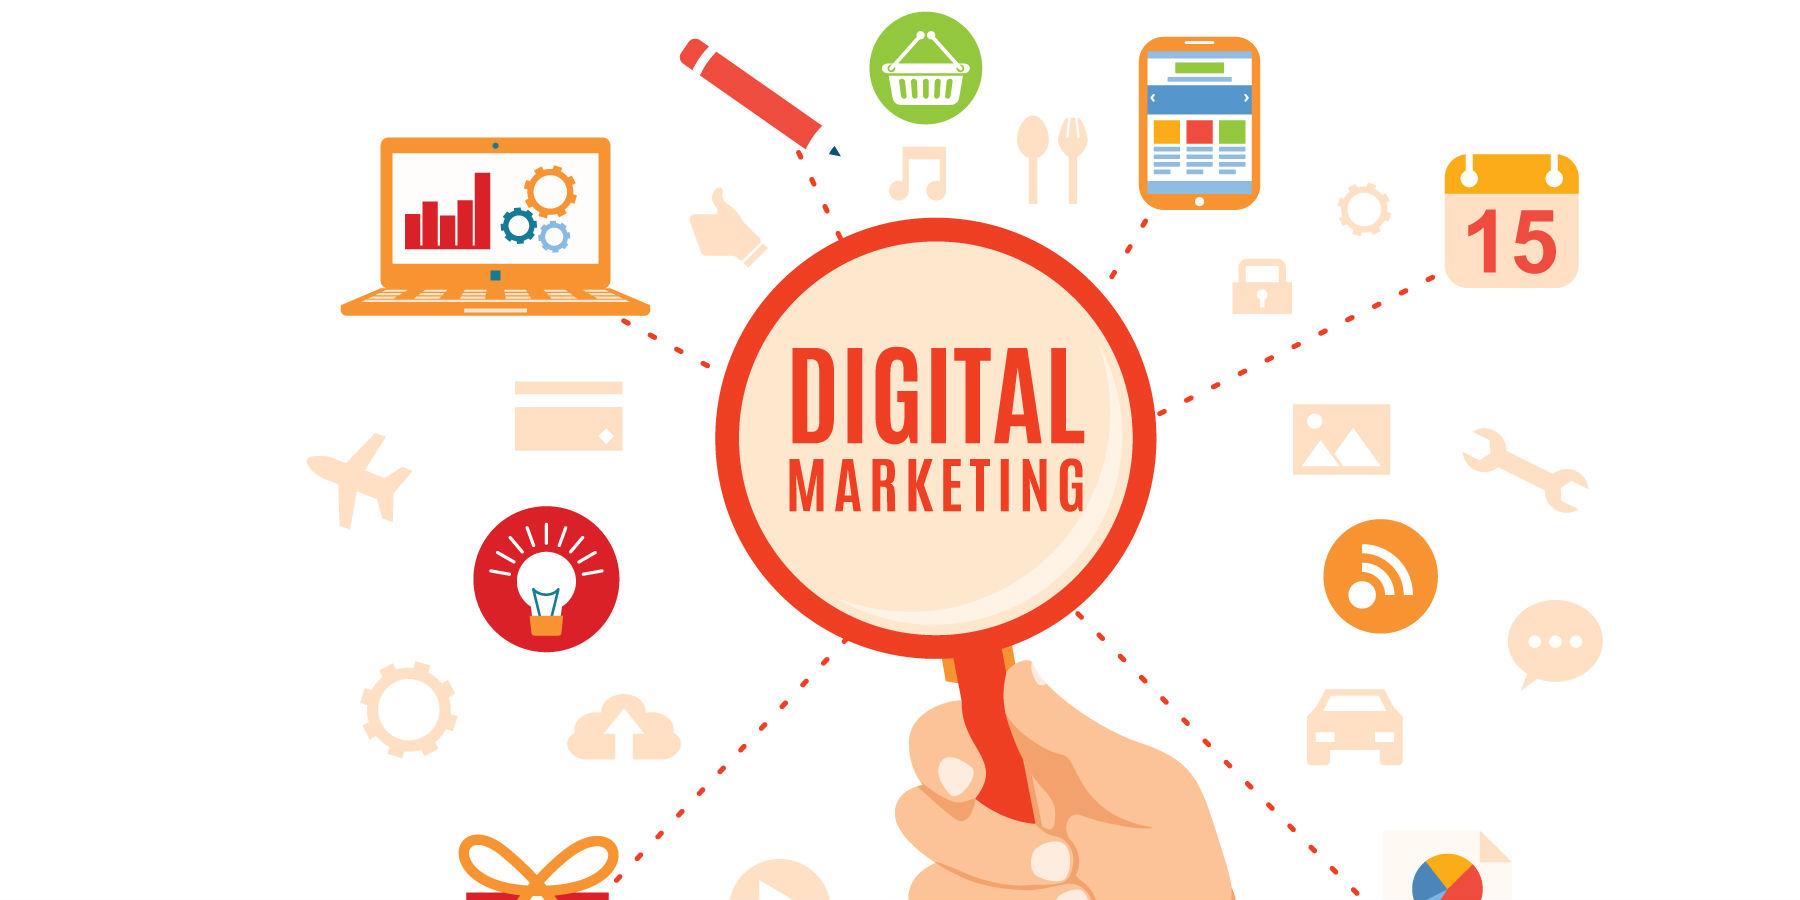 Đào tạo kỹ năng, xin việc làm marketing